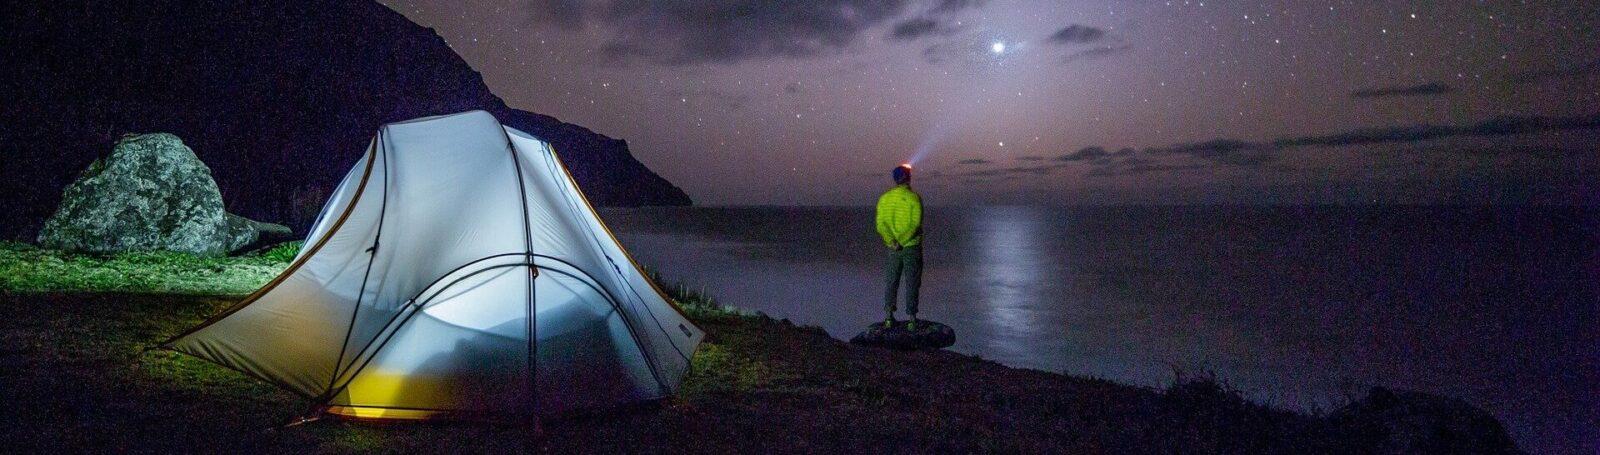 Camping- und Outdoorartikel kaufen